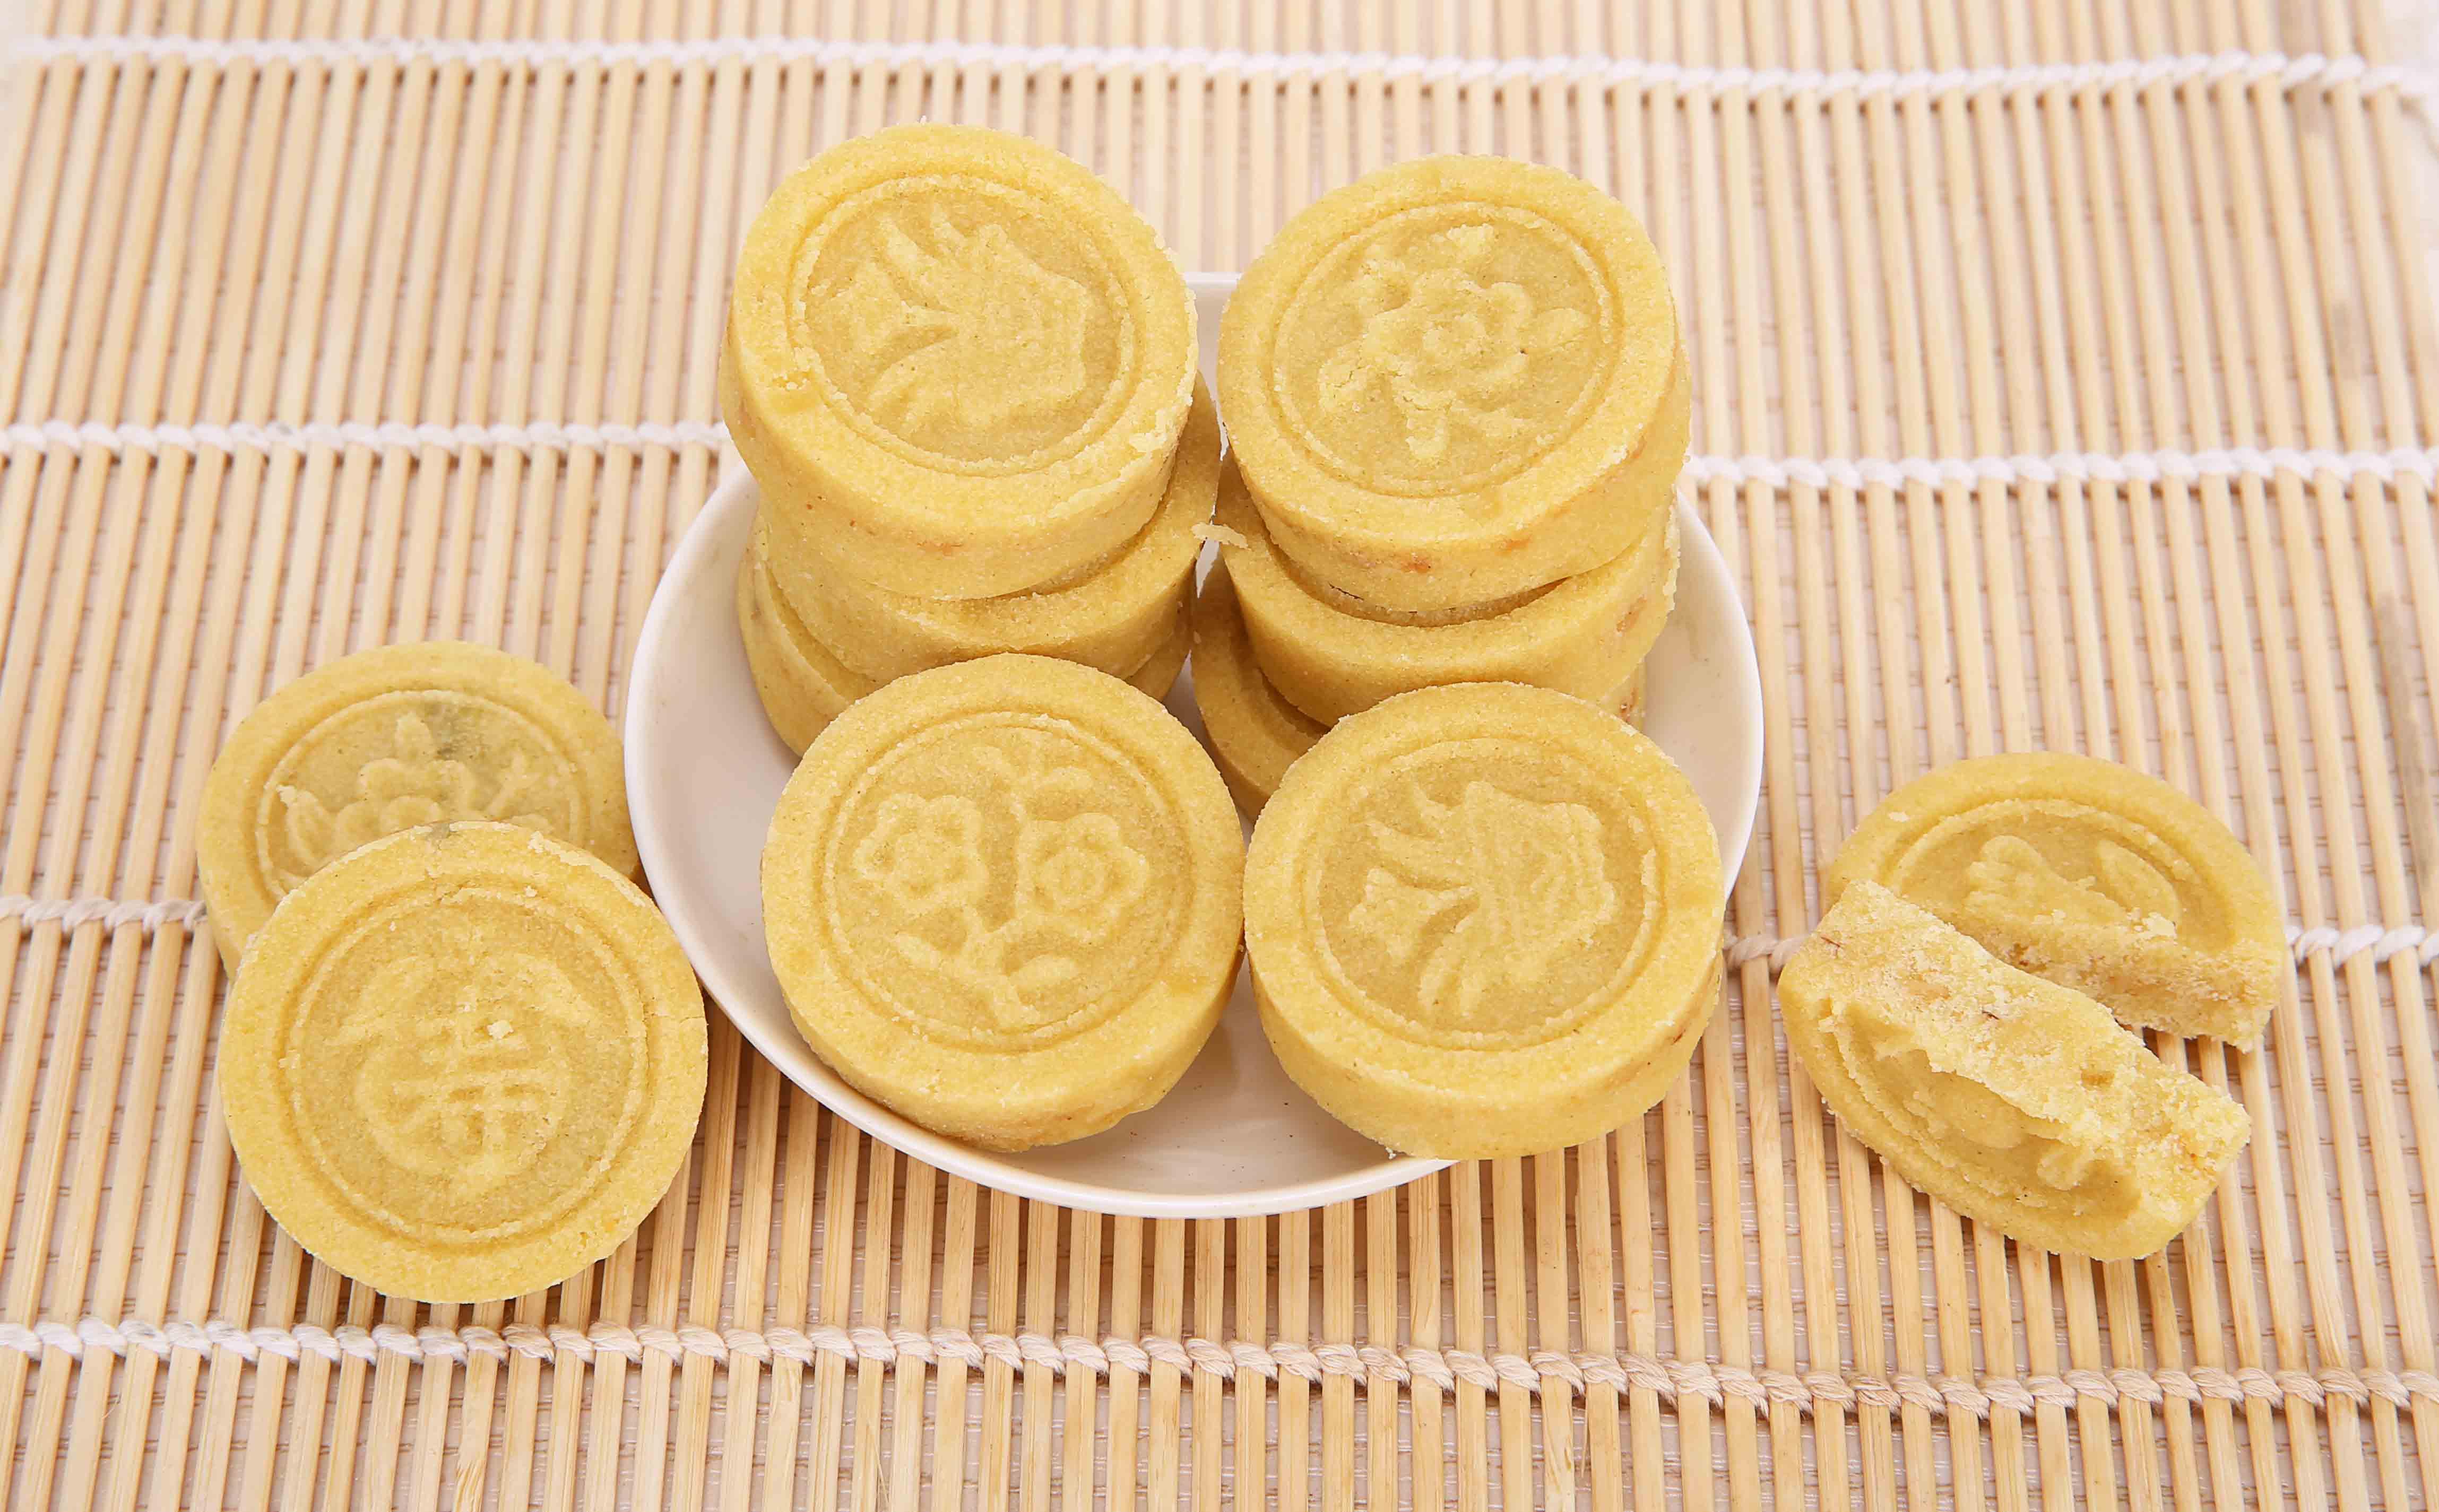 潮汕正宗纯正绿豆糕 特产零食圆糕 潮州纯手工绿豆糕芝麻糕豆沙糕